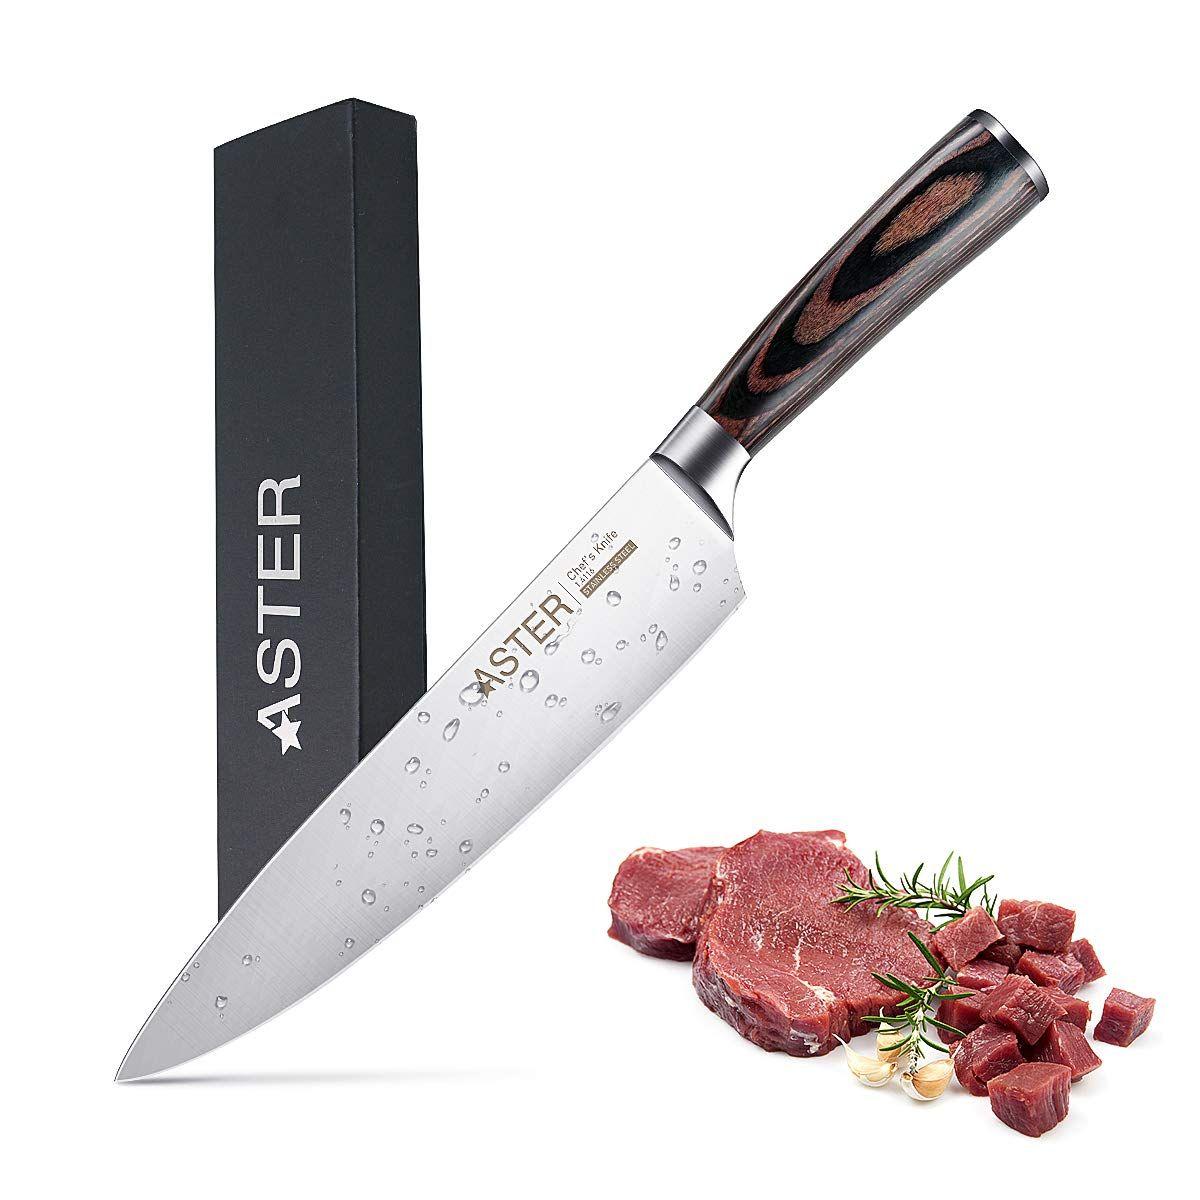 Aster Couteau De Cuisine 20cm Couteax De Chef Professionnel Ultra Aiguise Acier Inoxydable Allemand A Haute Teneur En Carbo Couteau De Cuisine Couteau Aiguiser